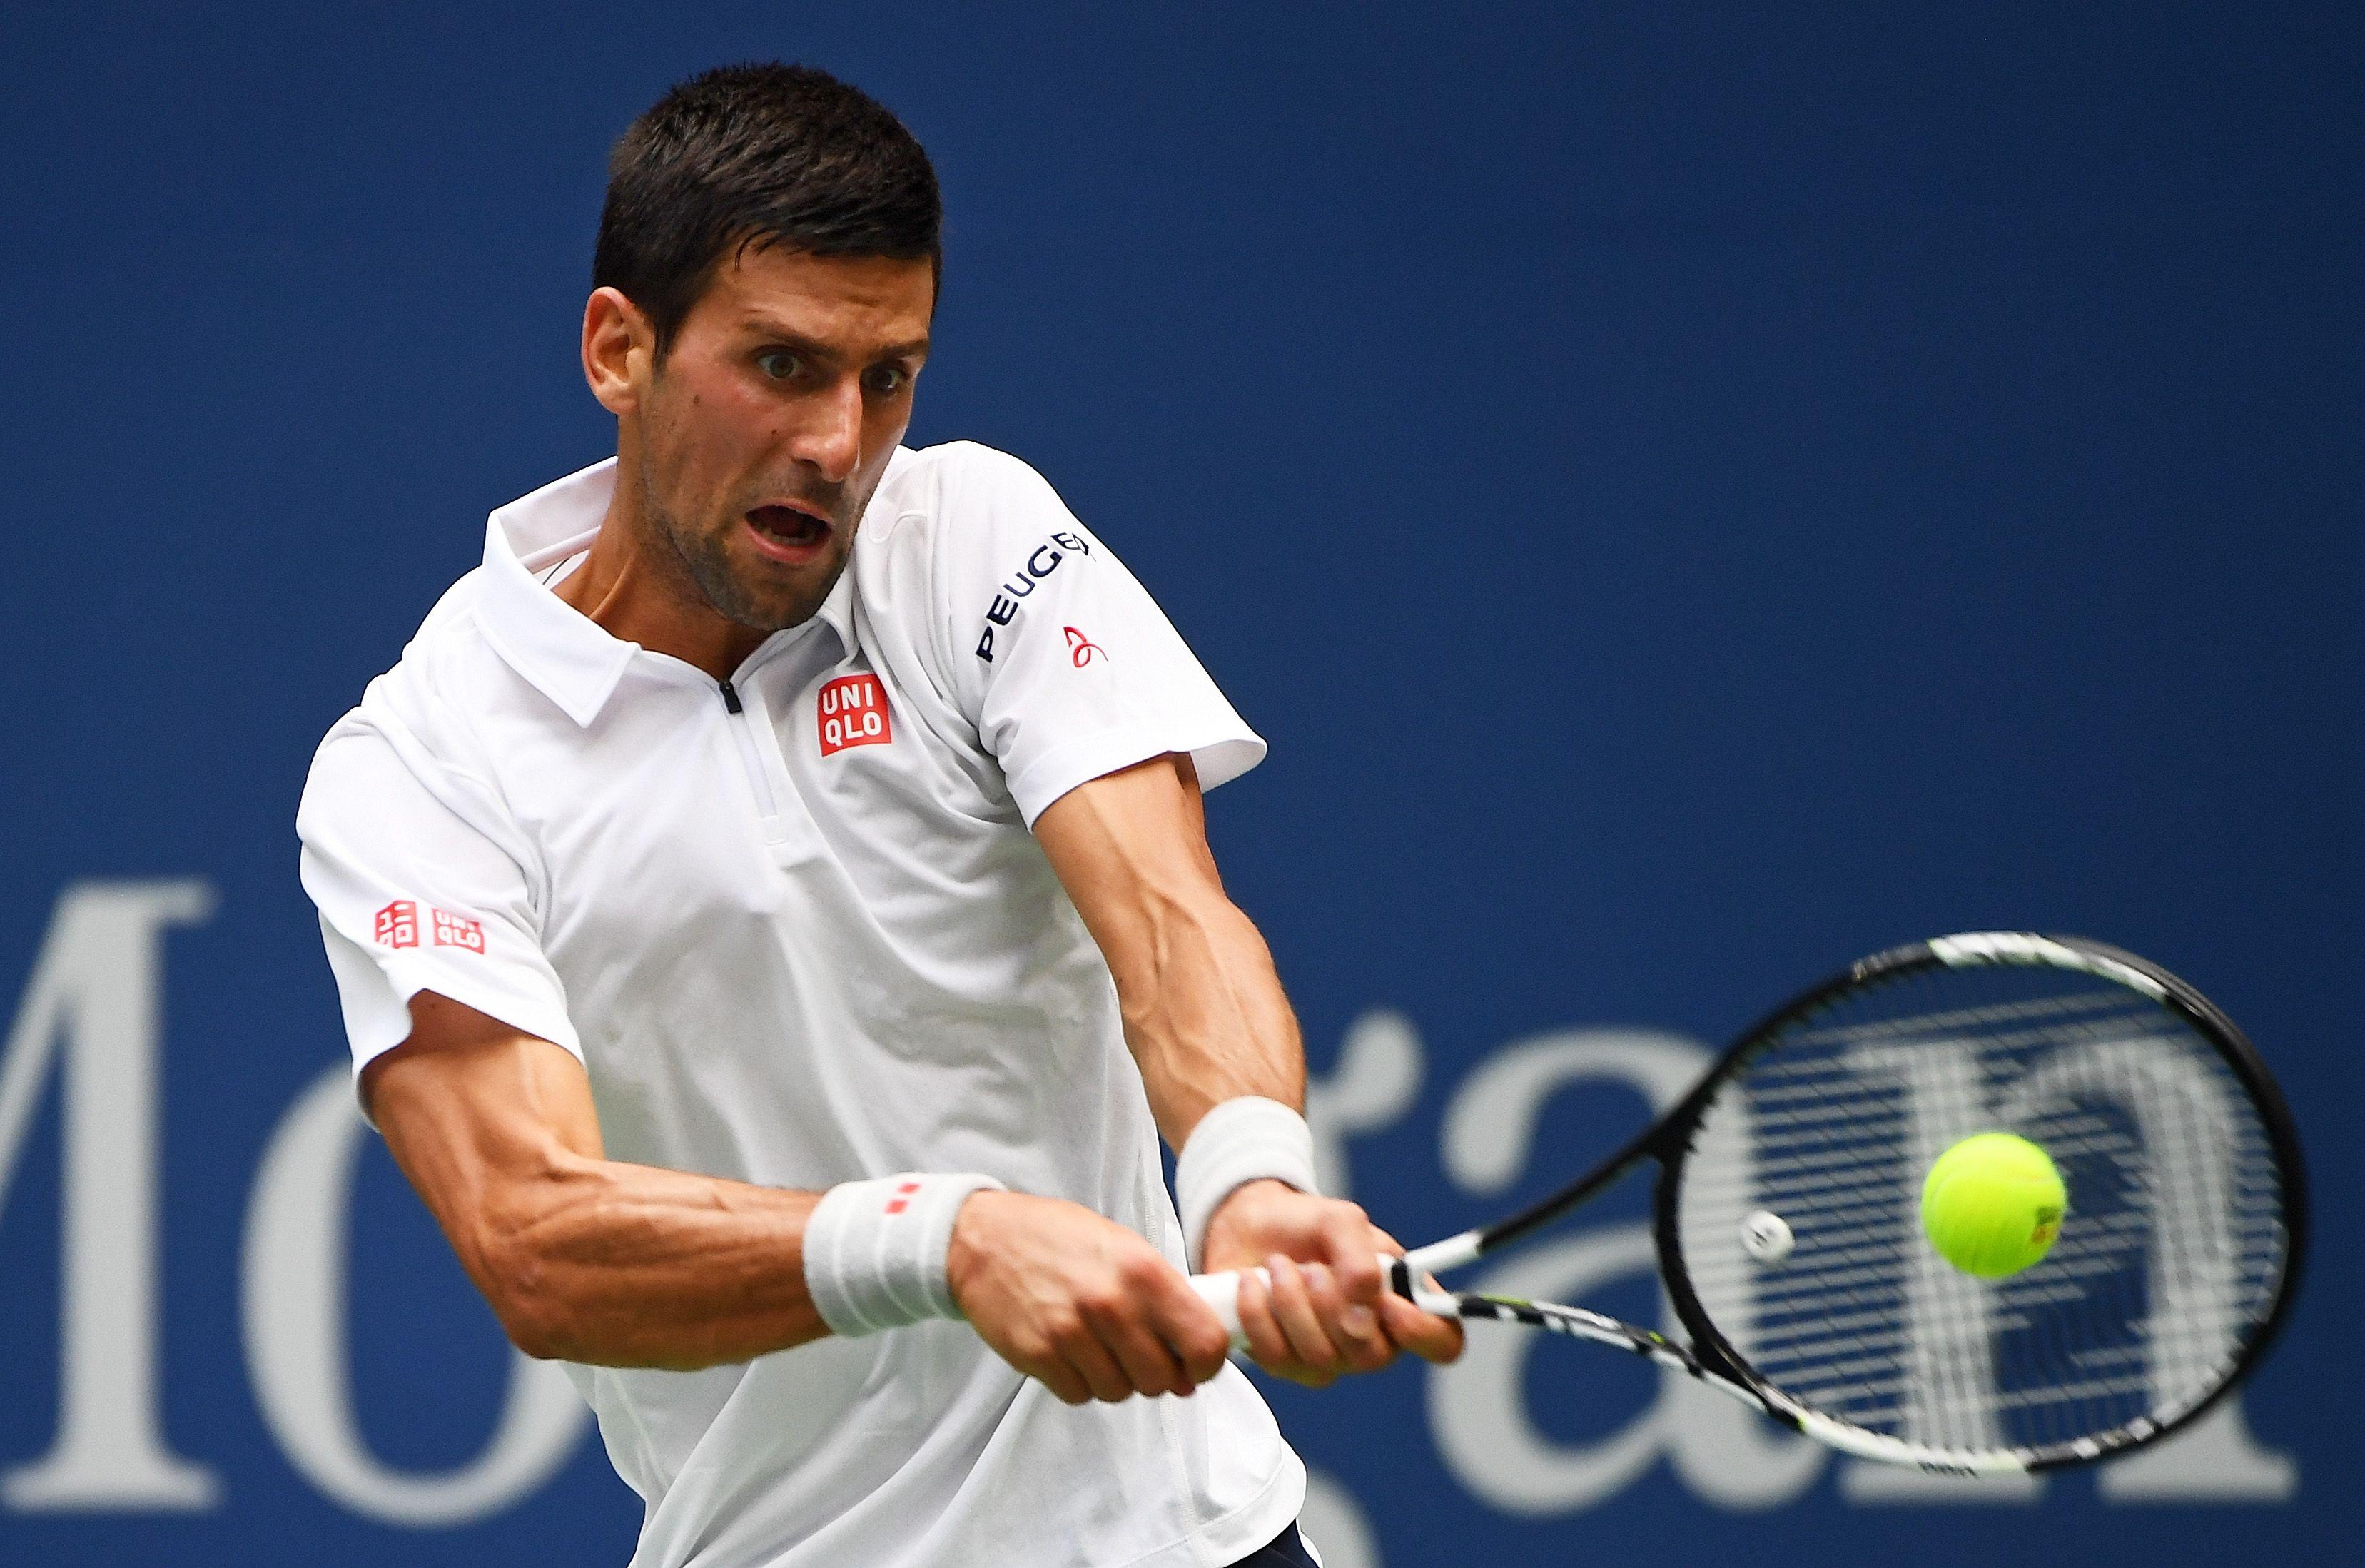 Arrollador: Djokovic superó a Monfils y es finalista del US Open